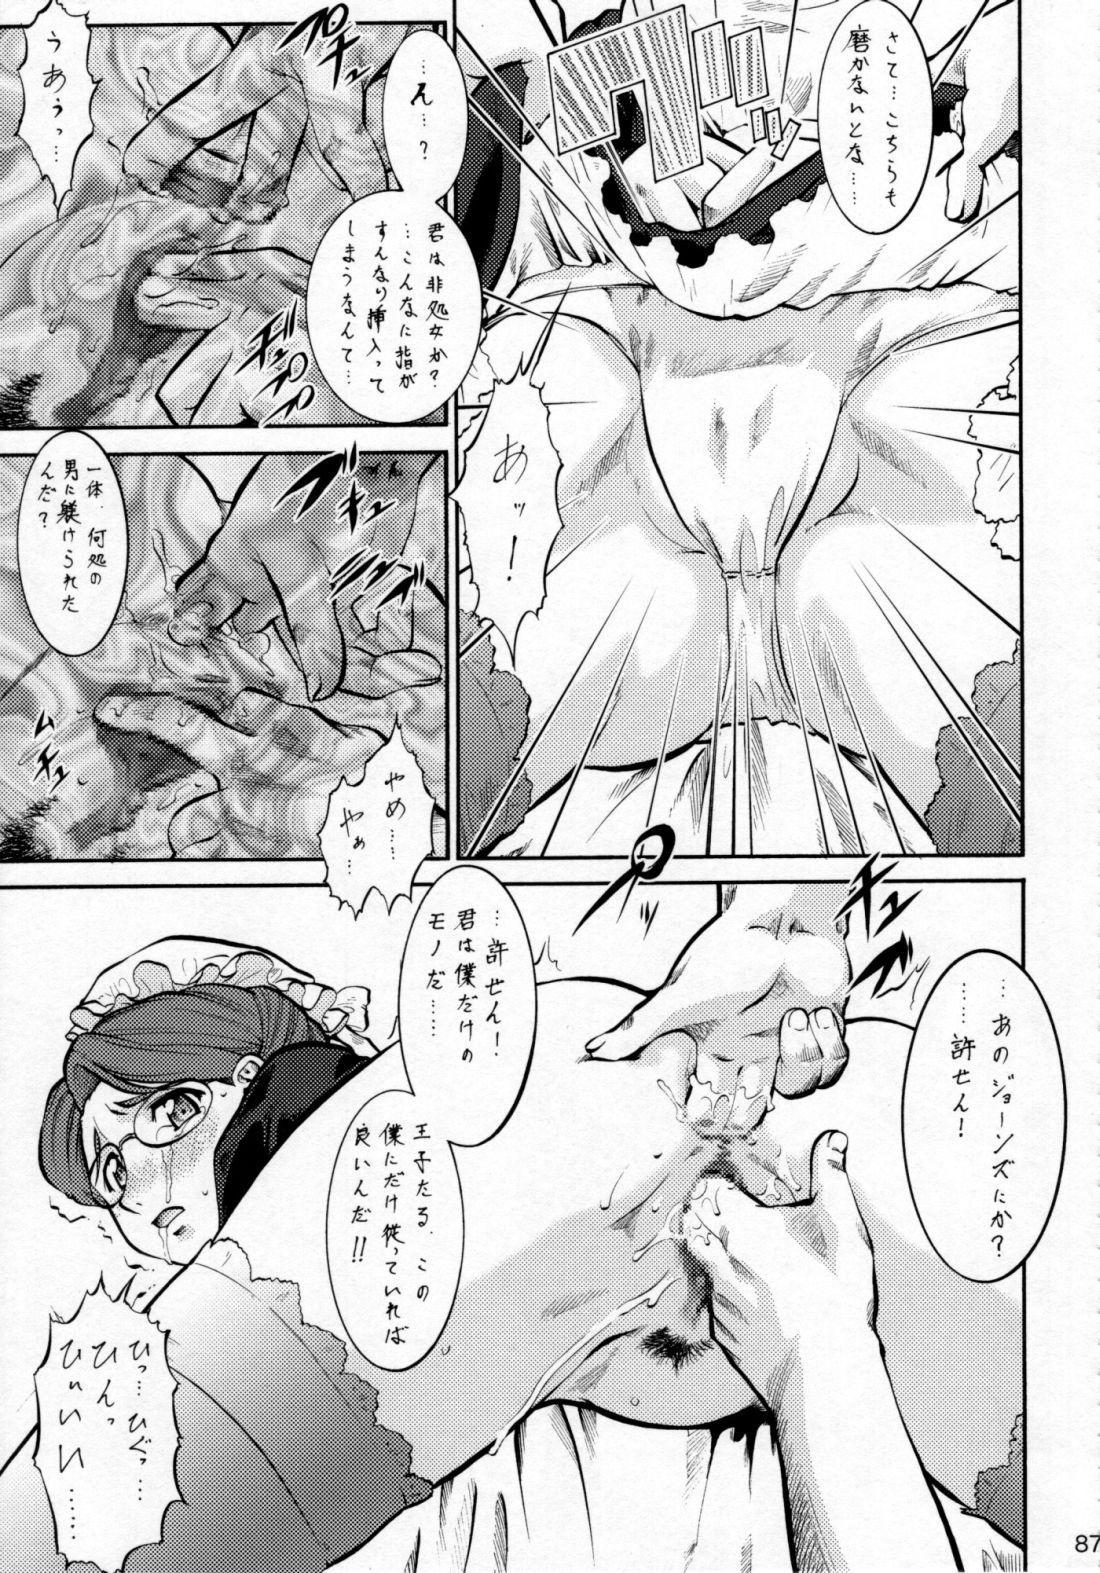 Umedamangashuu 12 Shito 89